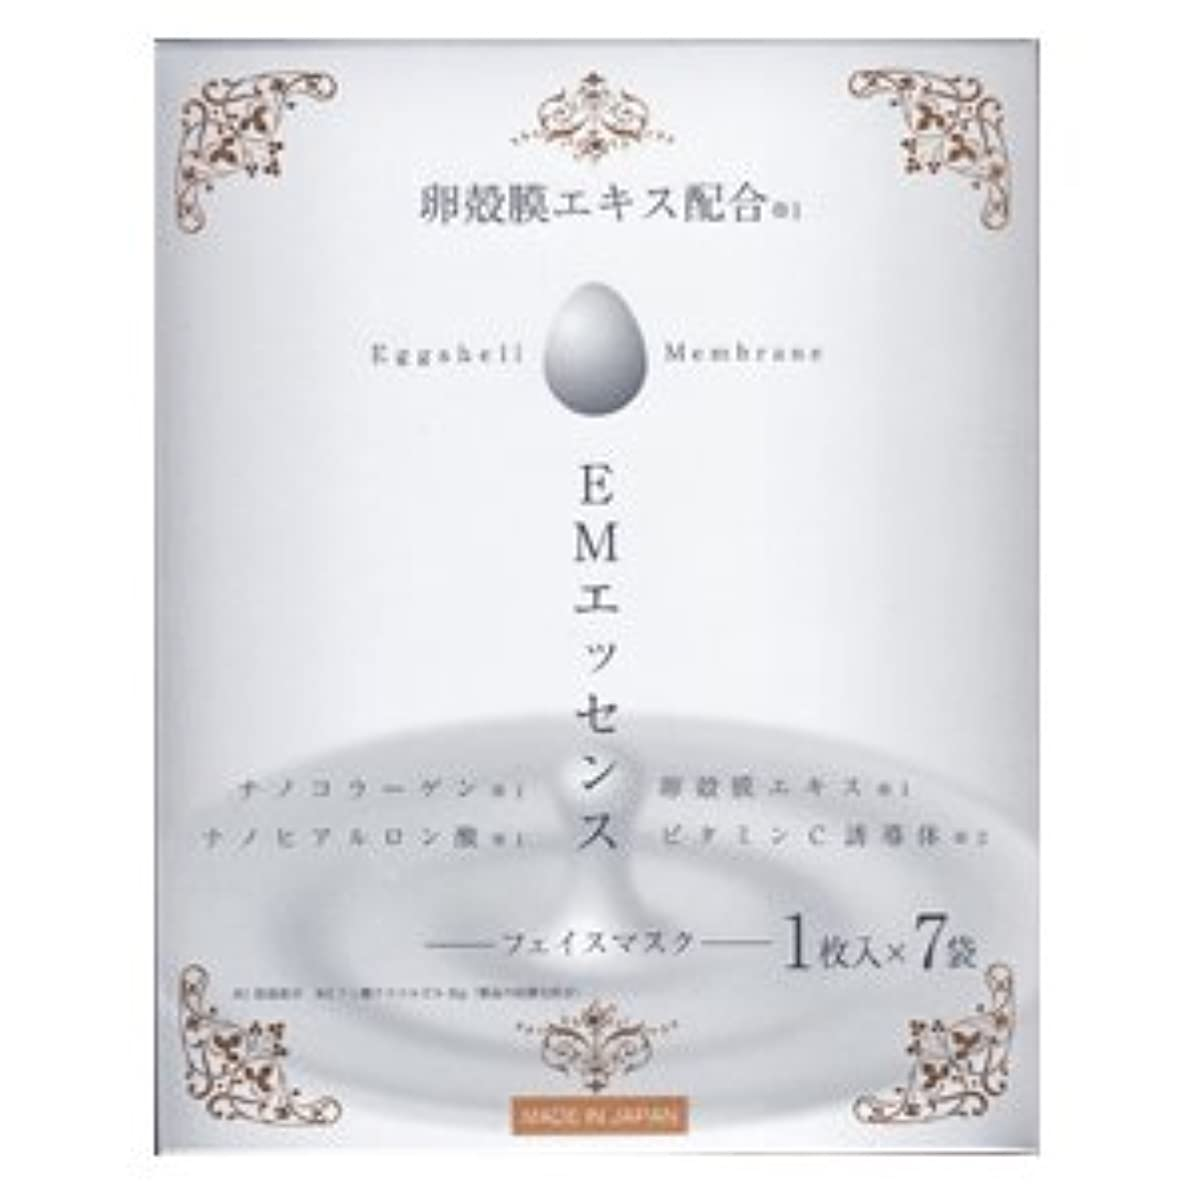 ストレッチスチュワーデス山岳卵殻膜エキス配合 EMエッセンス フェイスマスク 1枚入×7袋